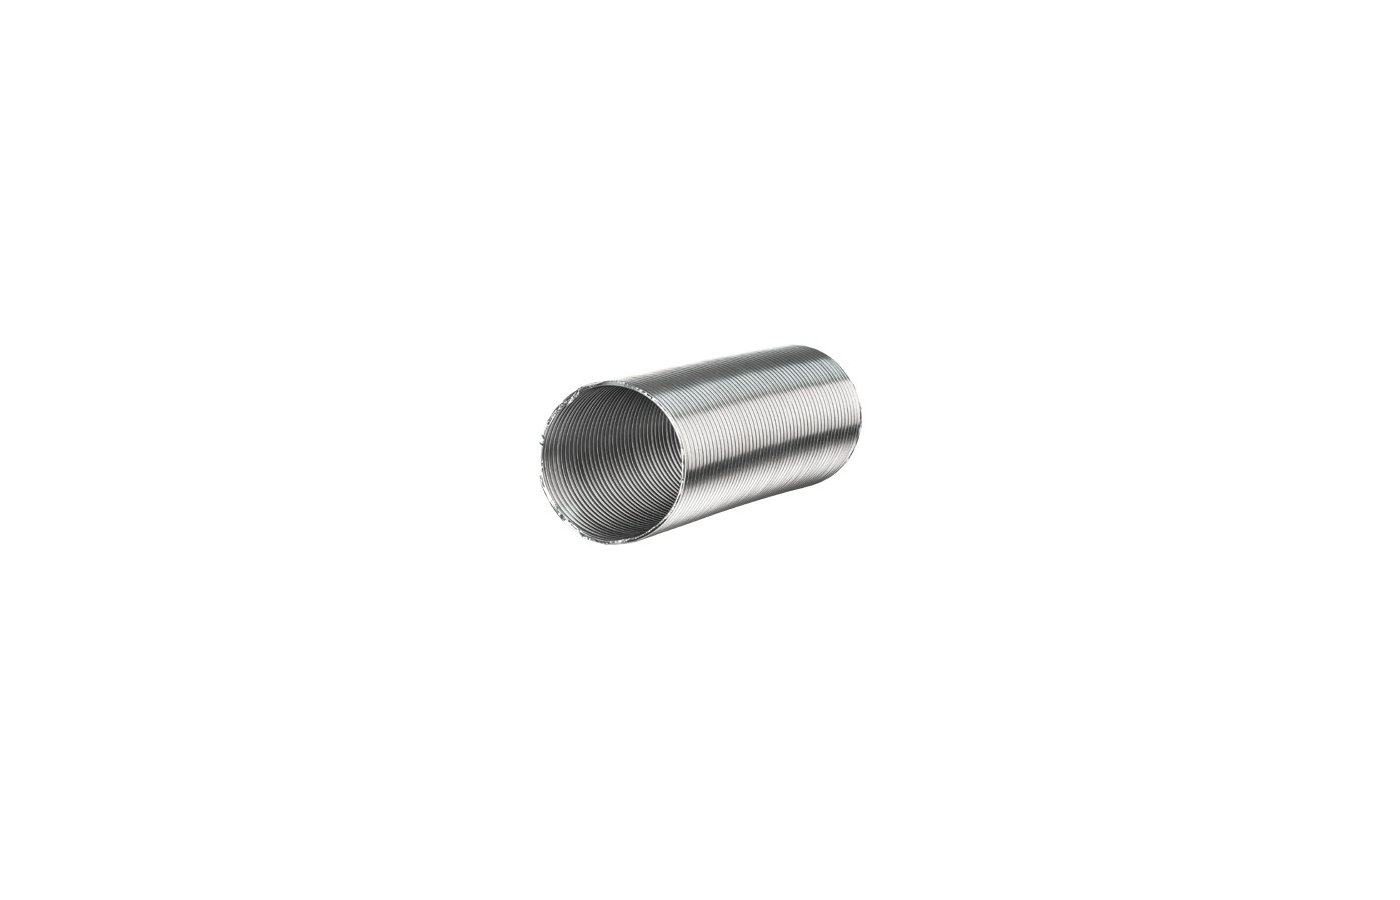 Аксессуар для в/о Воздуховод Алювент алюминиевый D150 мм (1-3м)